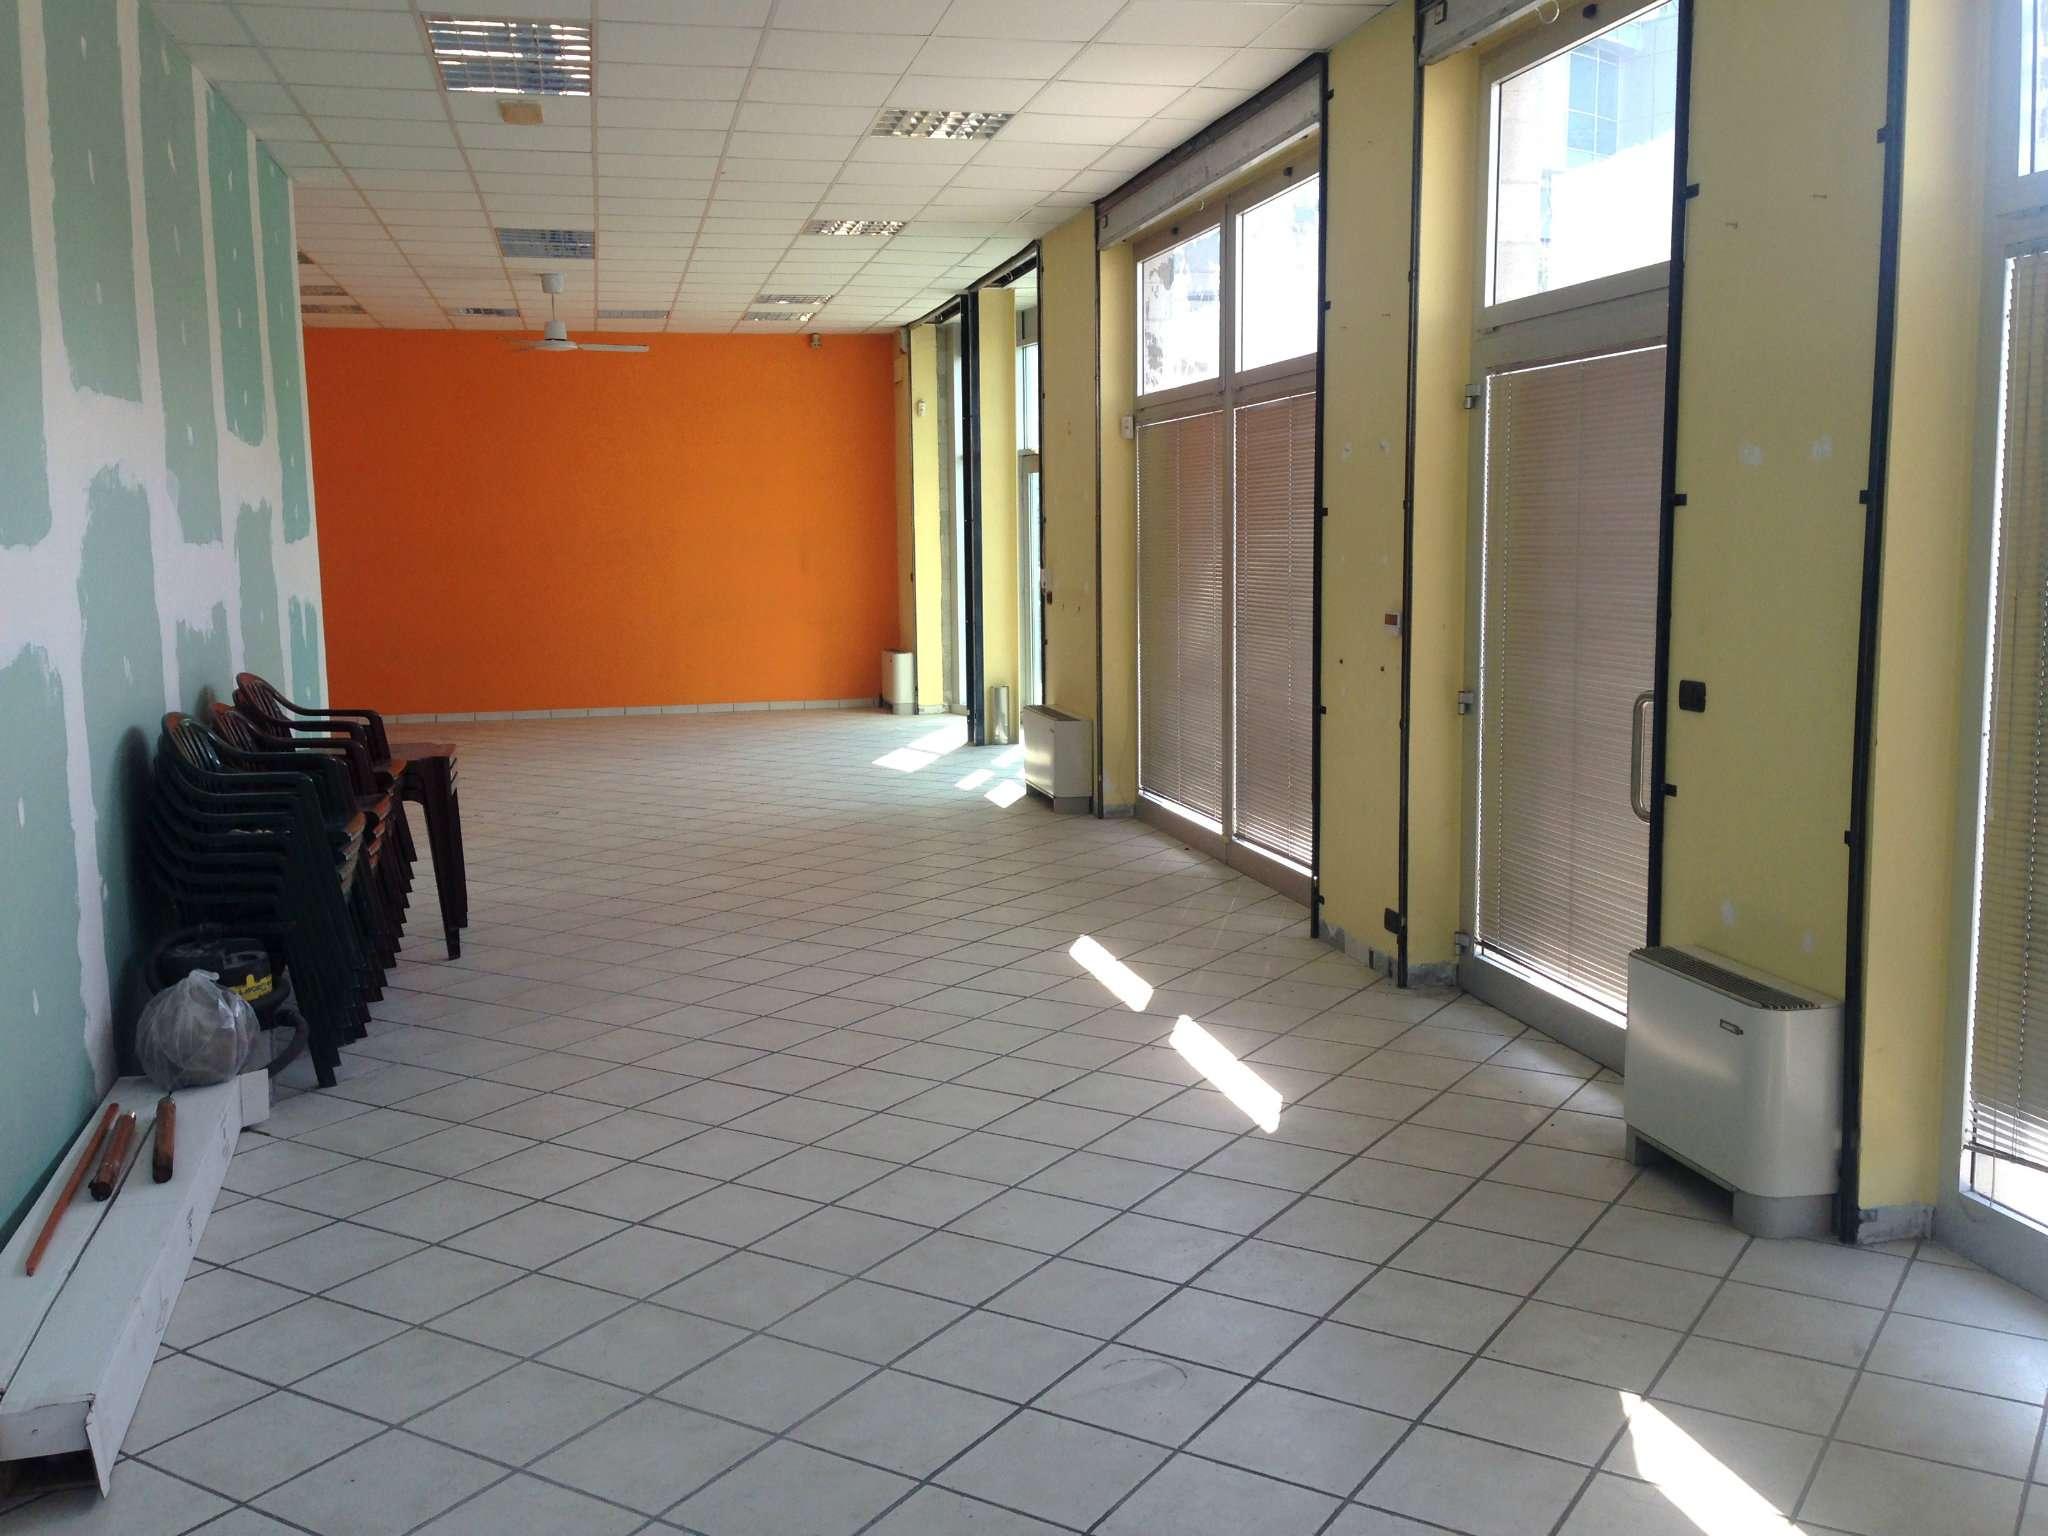 Negozio-locale in Affitto a Pinerolo: 2 locali, 115 mq